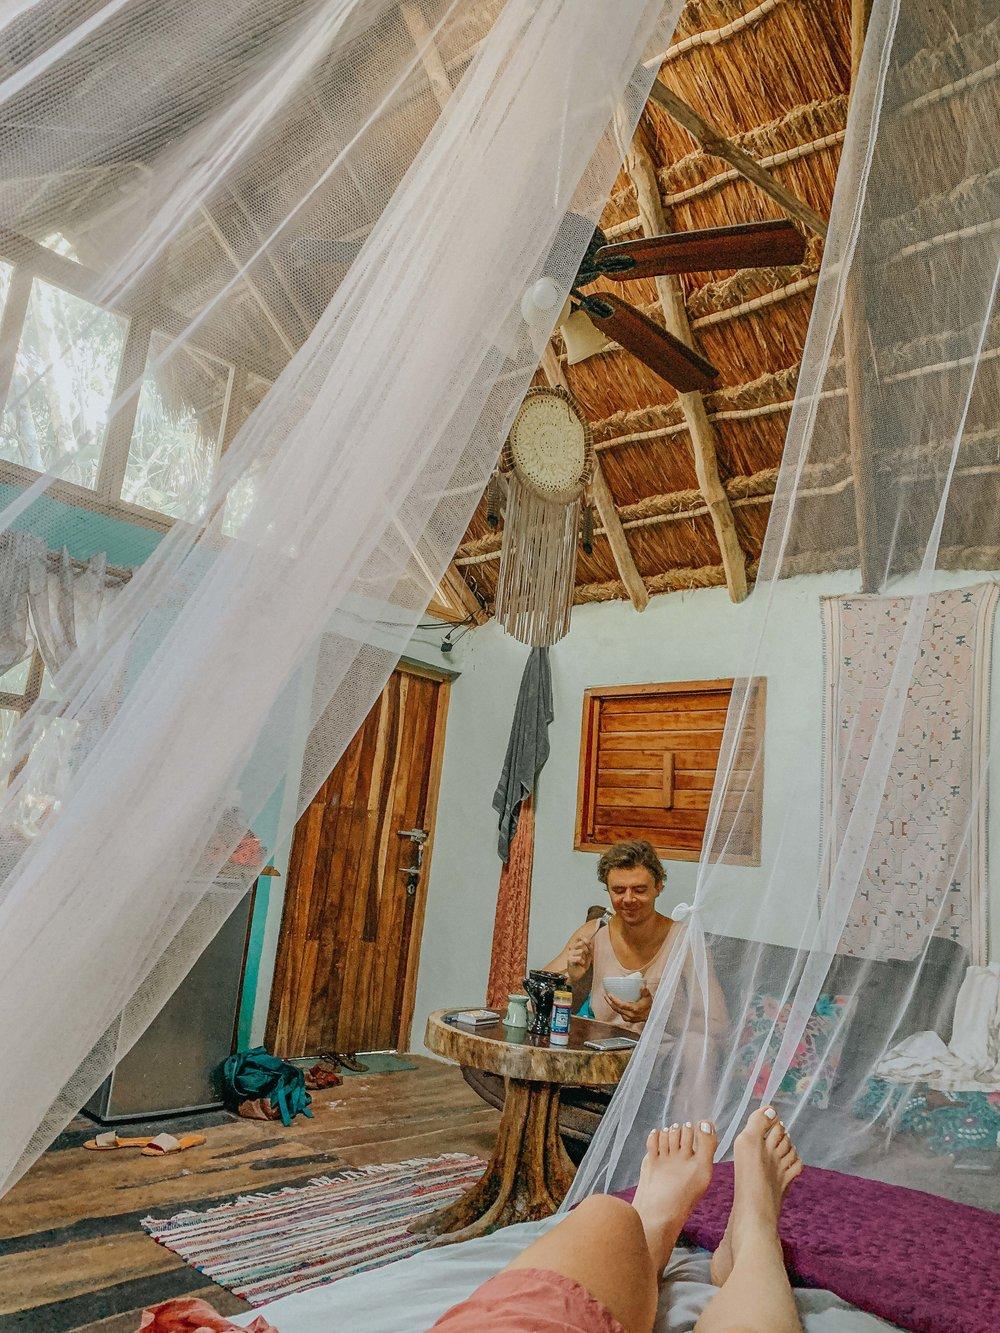 Our Casita in Tulum